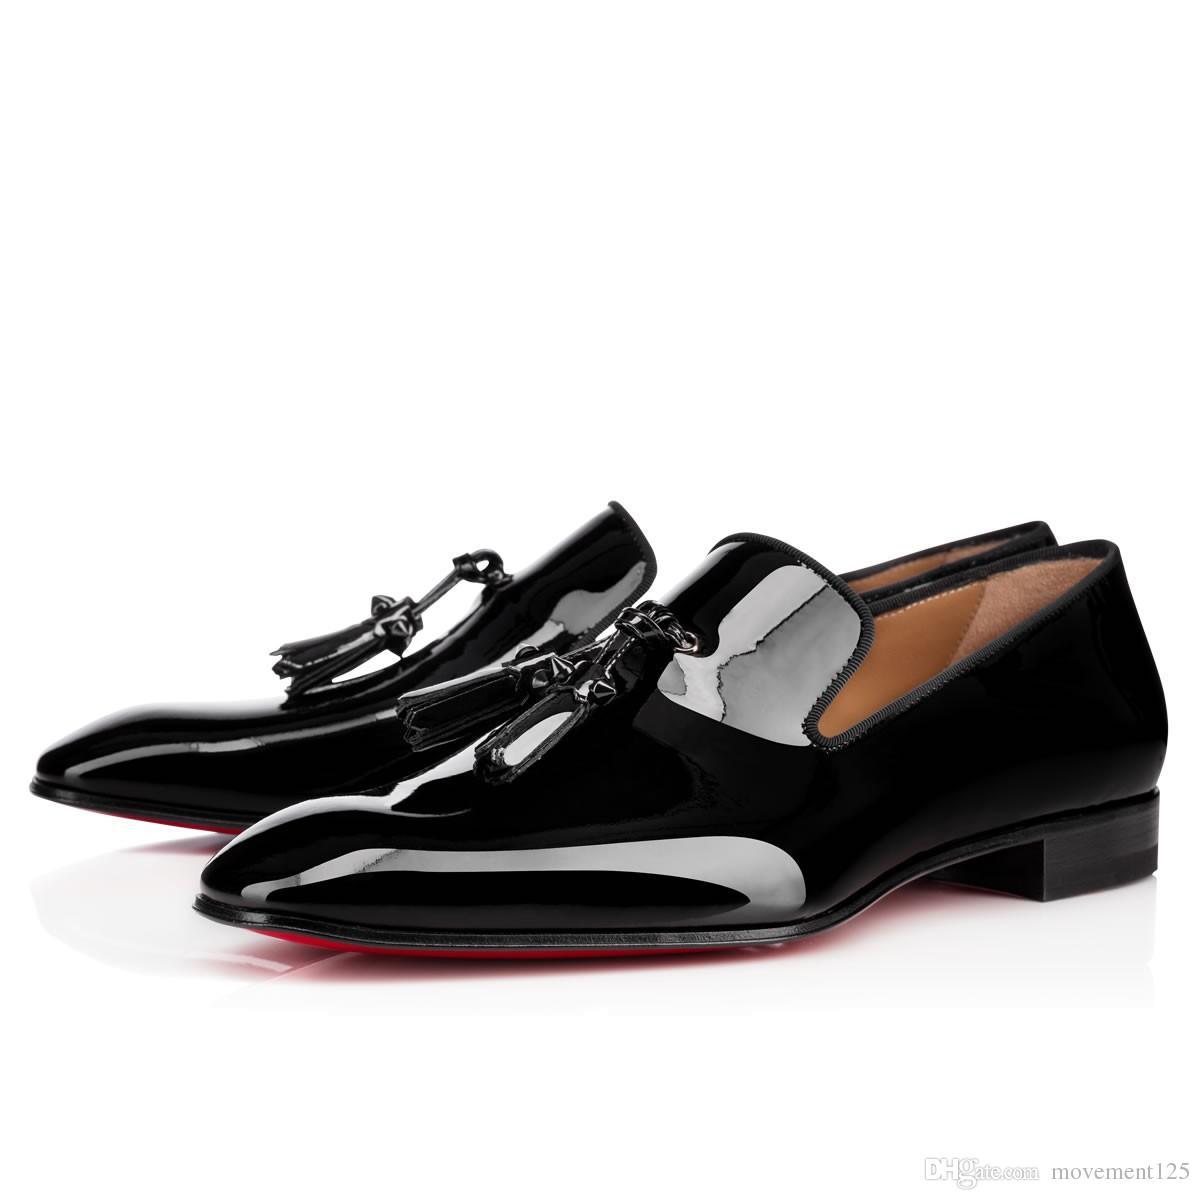 Neue Partei-Kleid-Hochzeits-Beleg auf Müßiggängern beschuht für Mann Löwenzahn-Quasten-Turnschuh-Schuhe rote untere Oxford-Schuhe Luxusmänner Freizeit-Wohnung